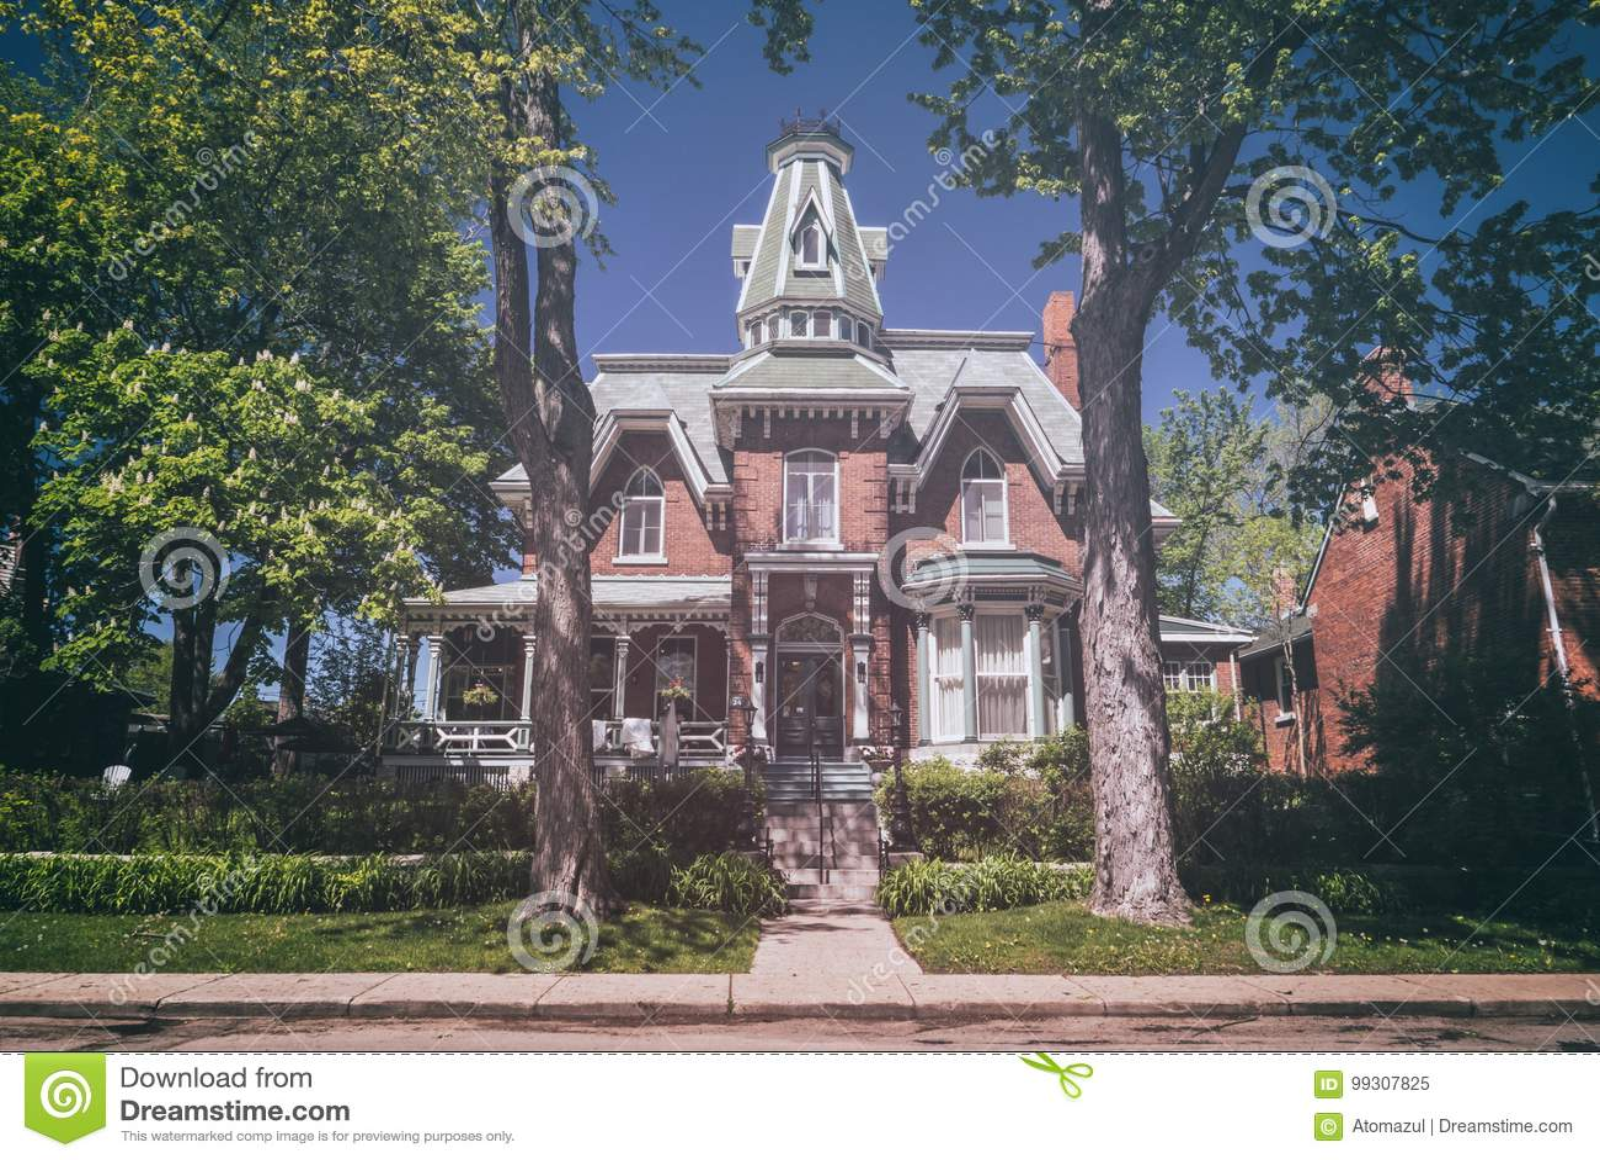 maison hantee kingston